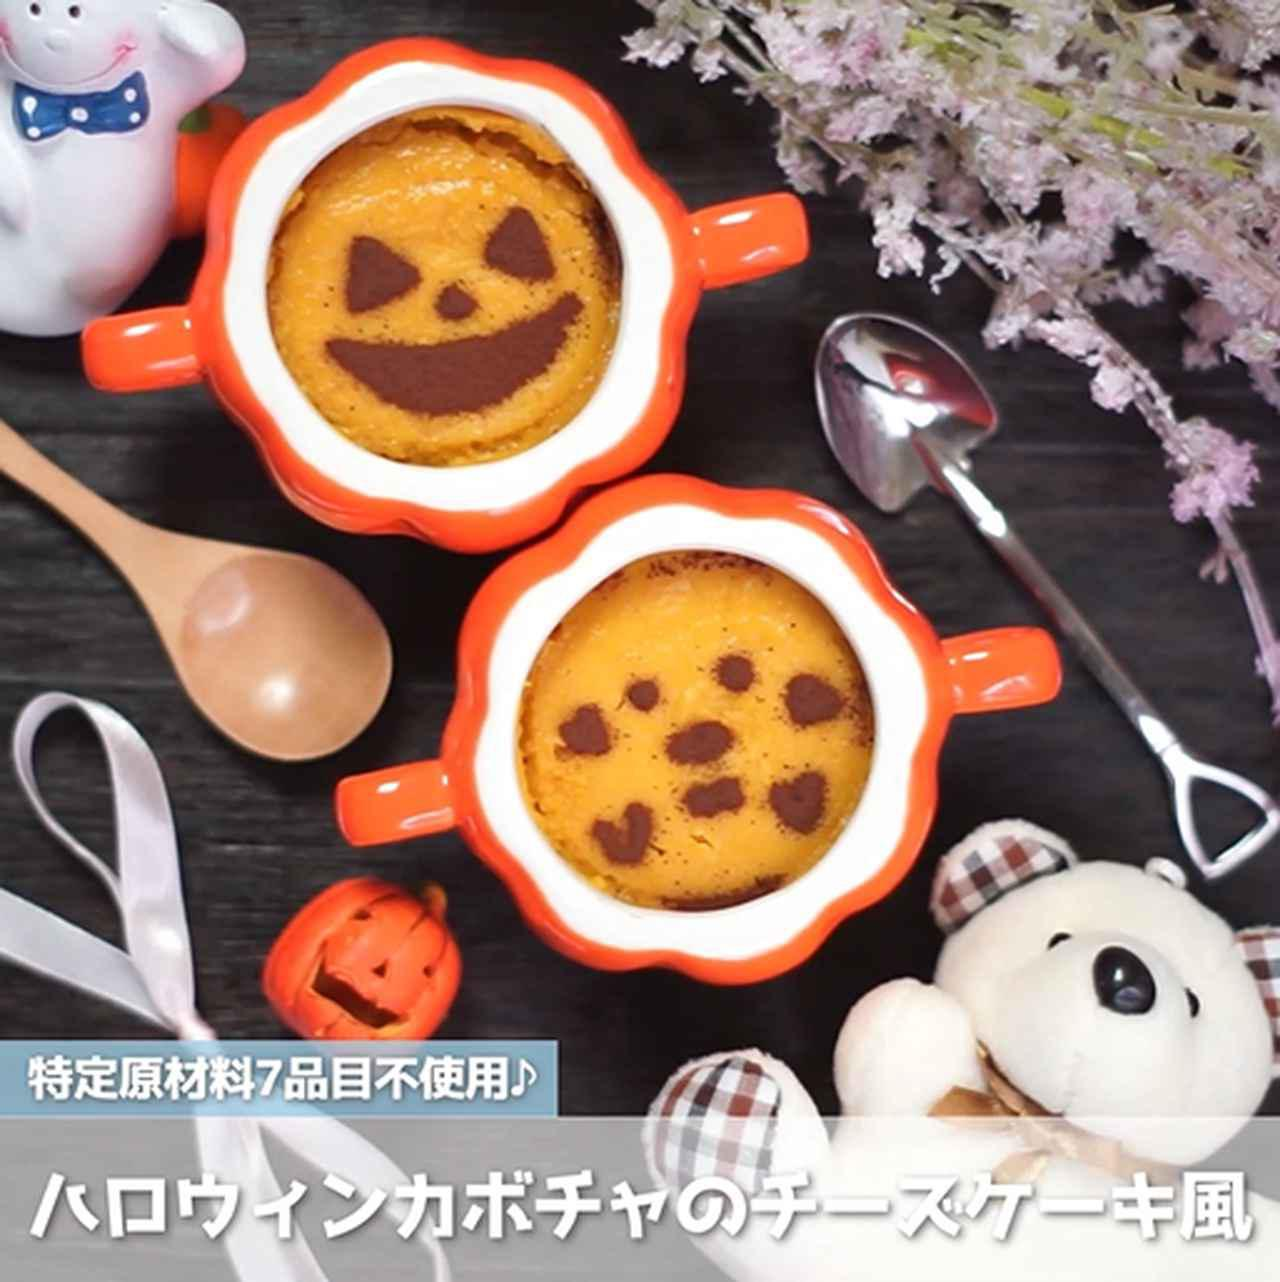 画像: 隠し味は白みそ⁉チーズを使わずチーズケーキ味が楽しめる ハロウィンかぼちゃのチーズケーキ風 - 君とごはん